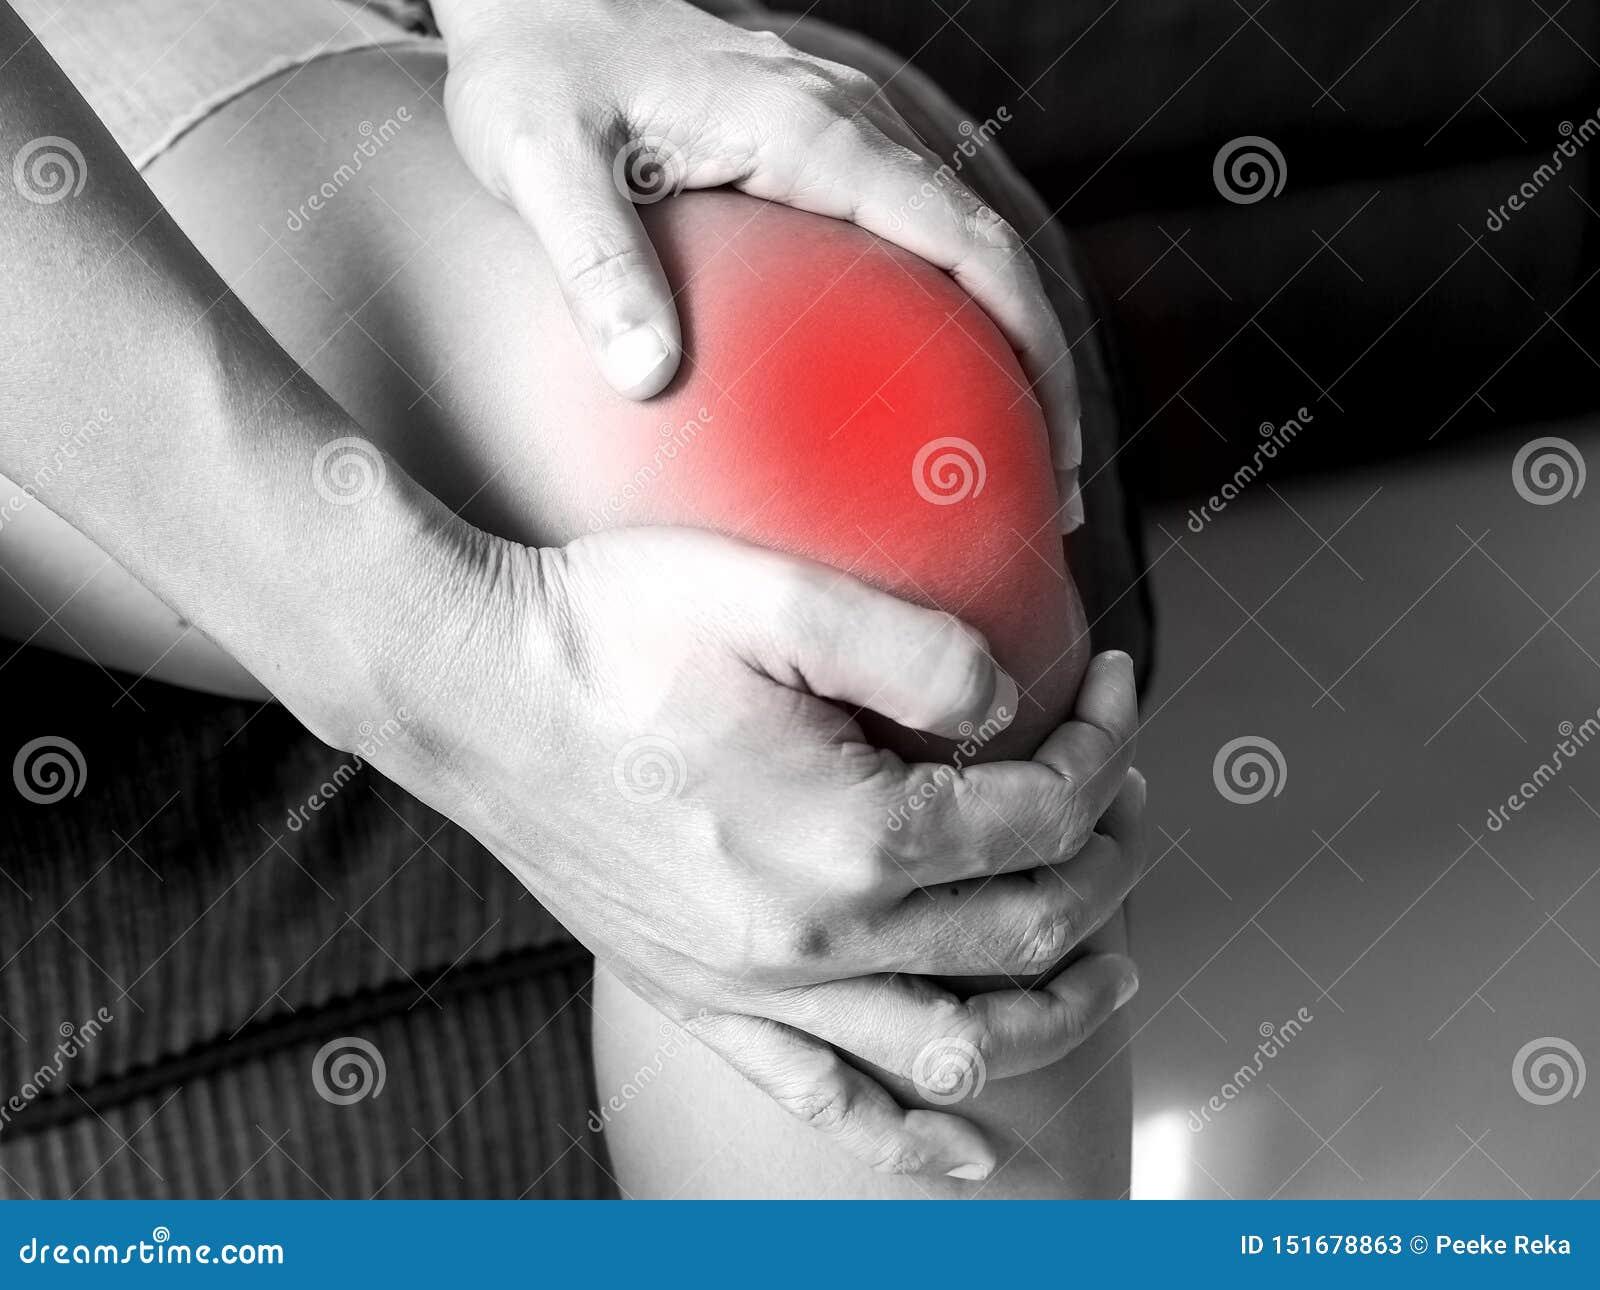 La gente asiatica ha dolore del ginocchio, dolore dai problemi sanitari nel corpo